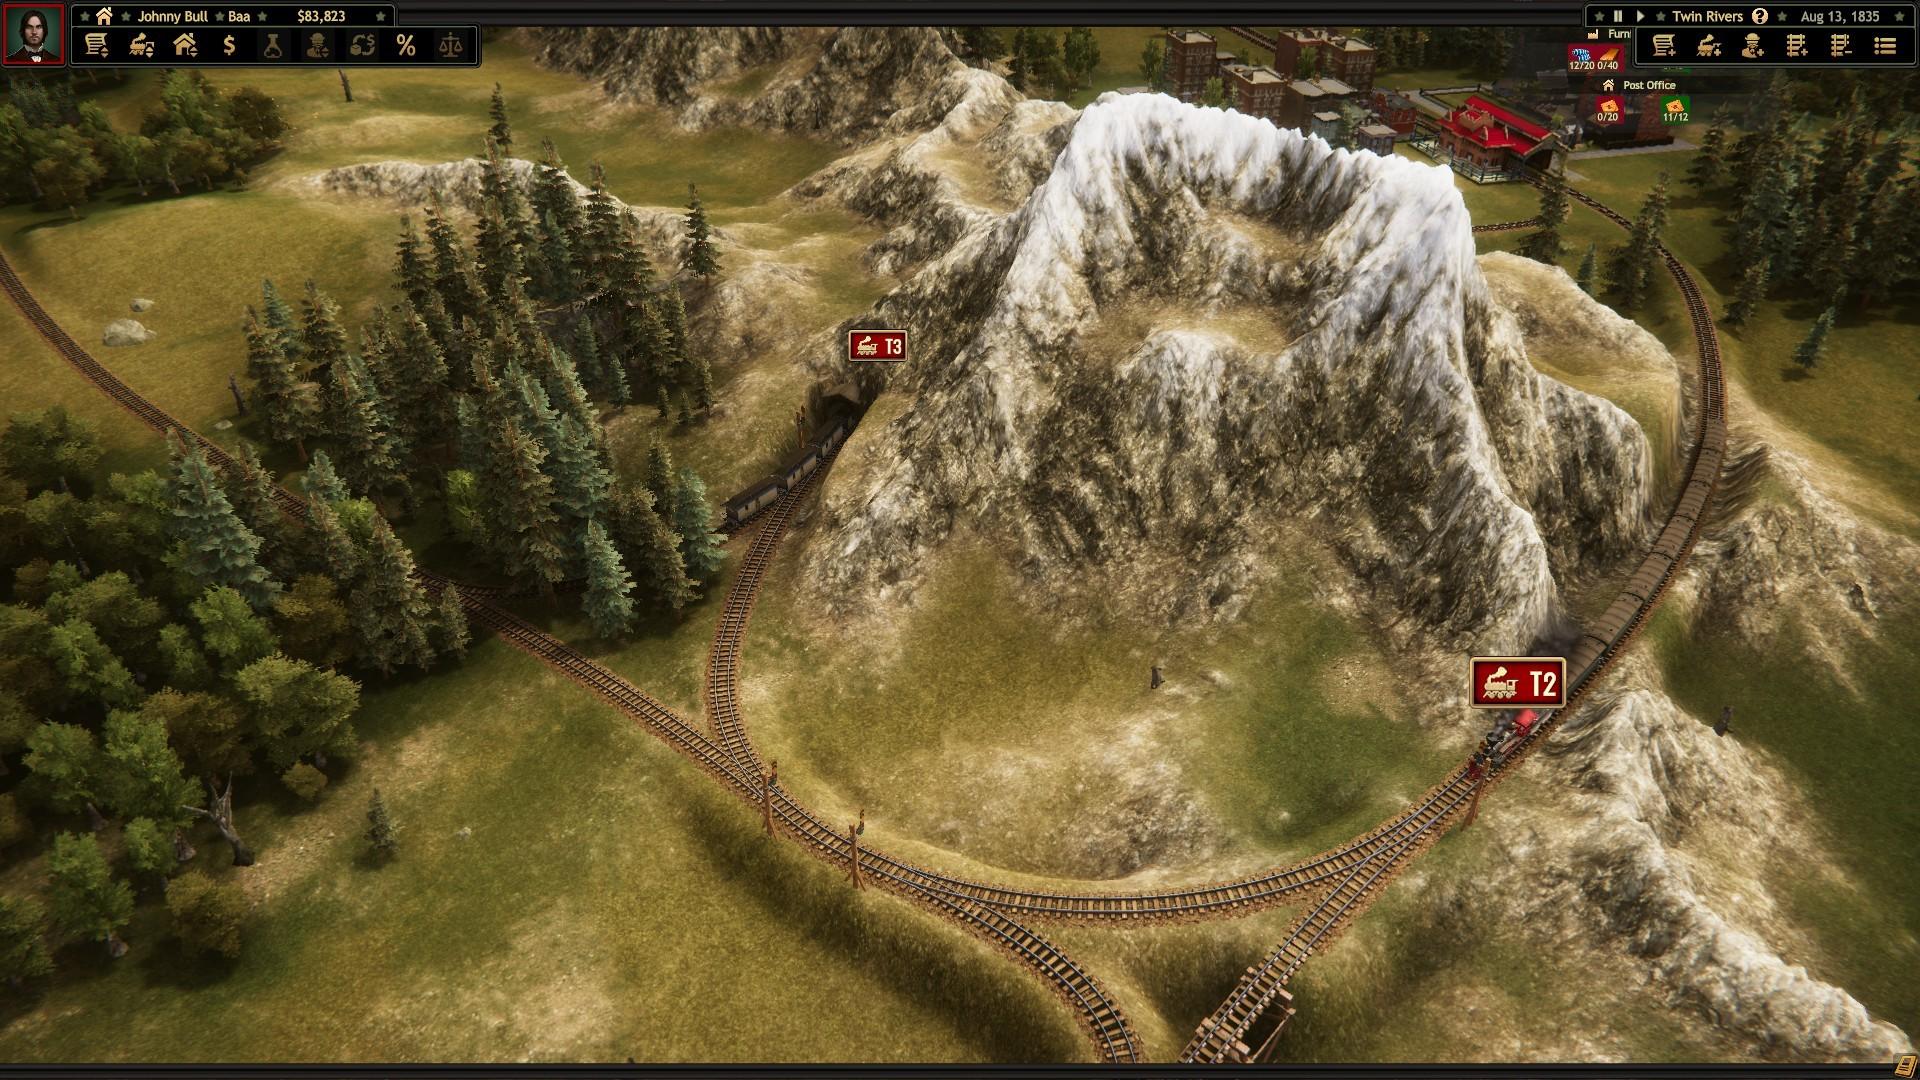 《铁路公司》游戏特色玩法介绍 打造19世纪铁路公司